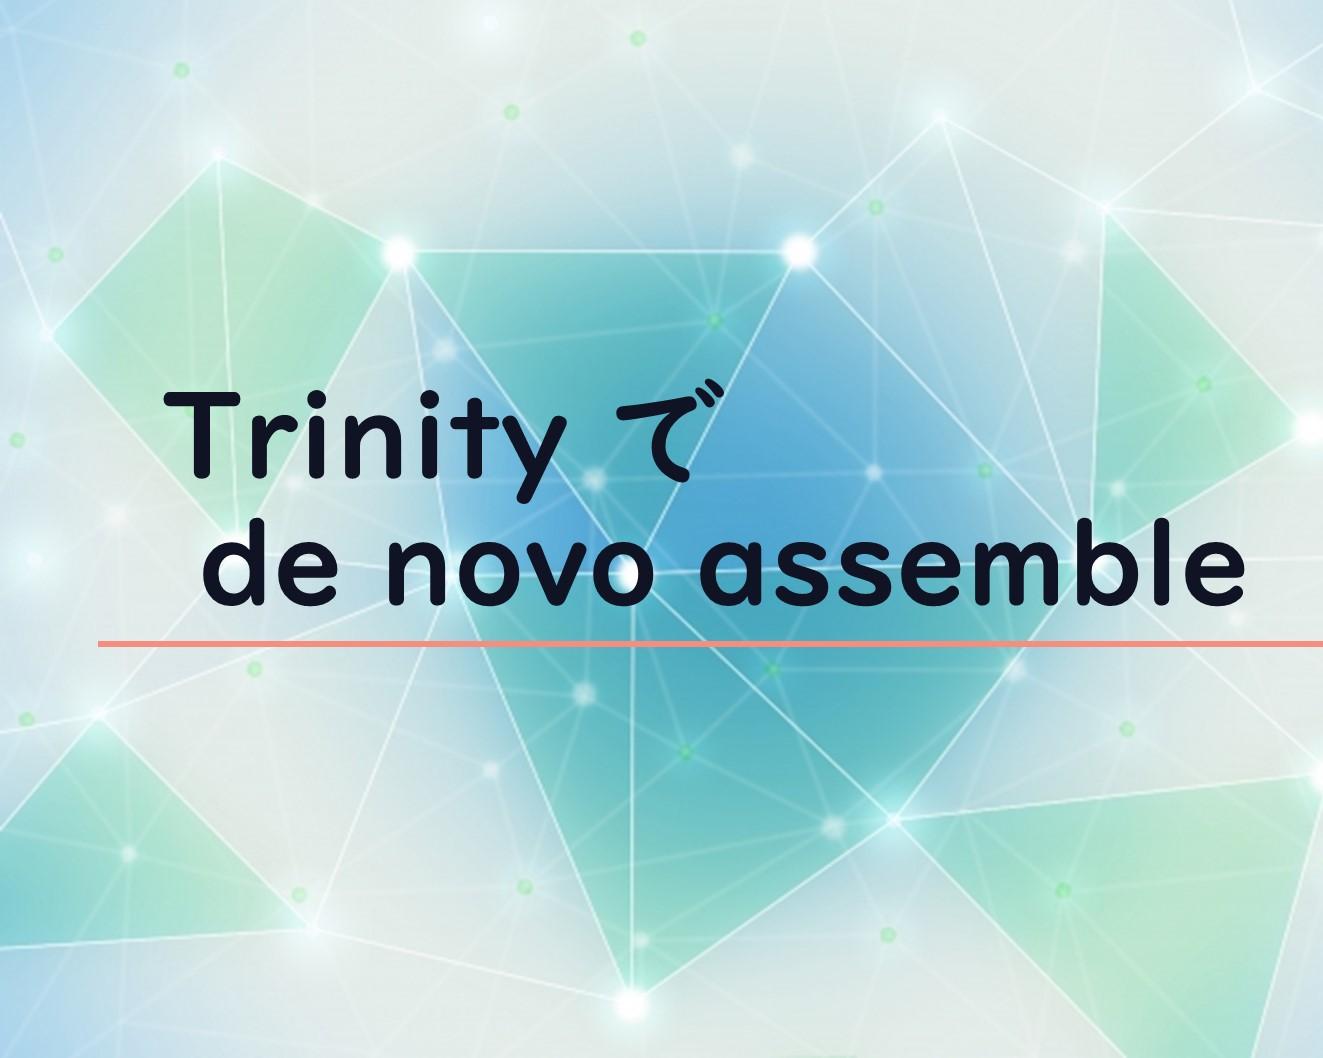 Trinity で複数のRNA-seqのデータをまとめてアセンブル